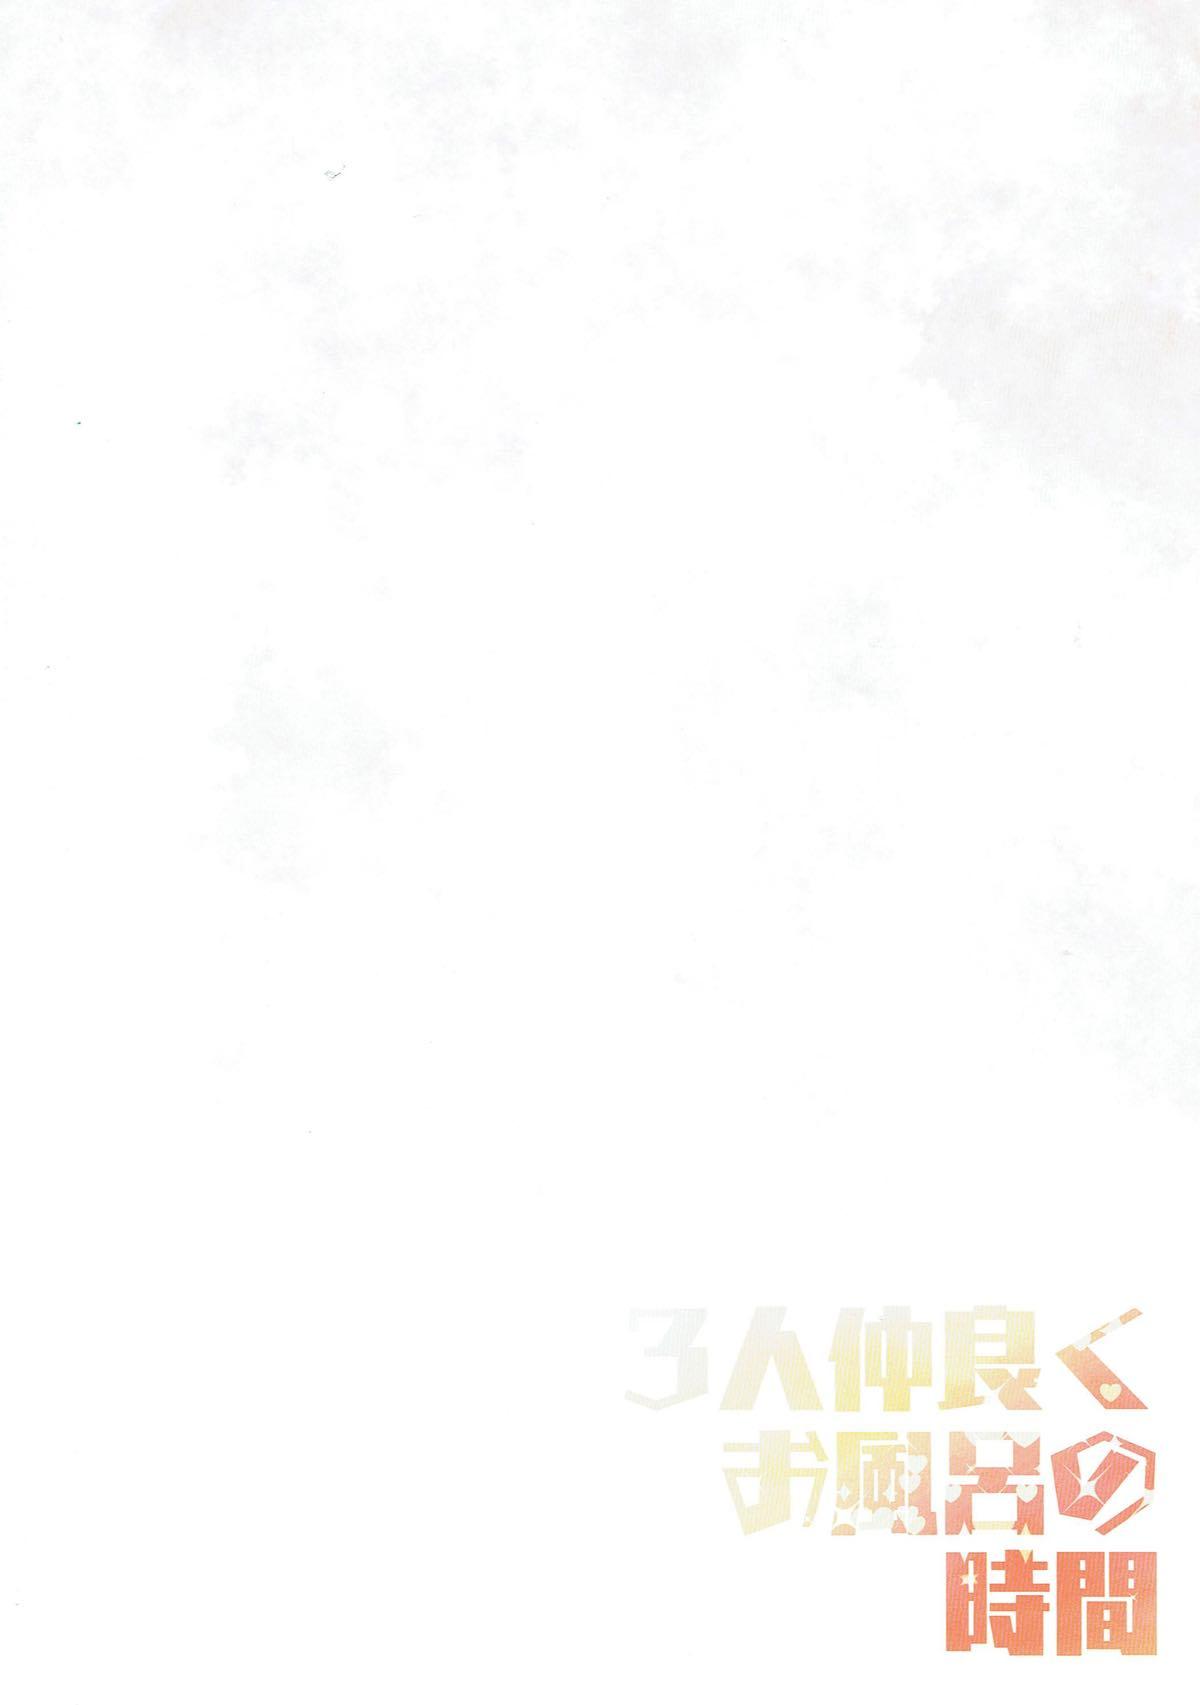 マサムネのおちんちん・・・おいしい~wううぅじゃあ私は兄さんの背中を洗うもんねっ!!【エロマンガ先生 エロ同人誌・エロ漫画】 (14)